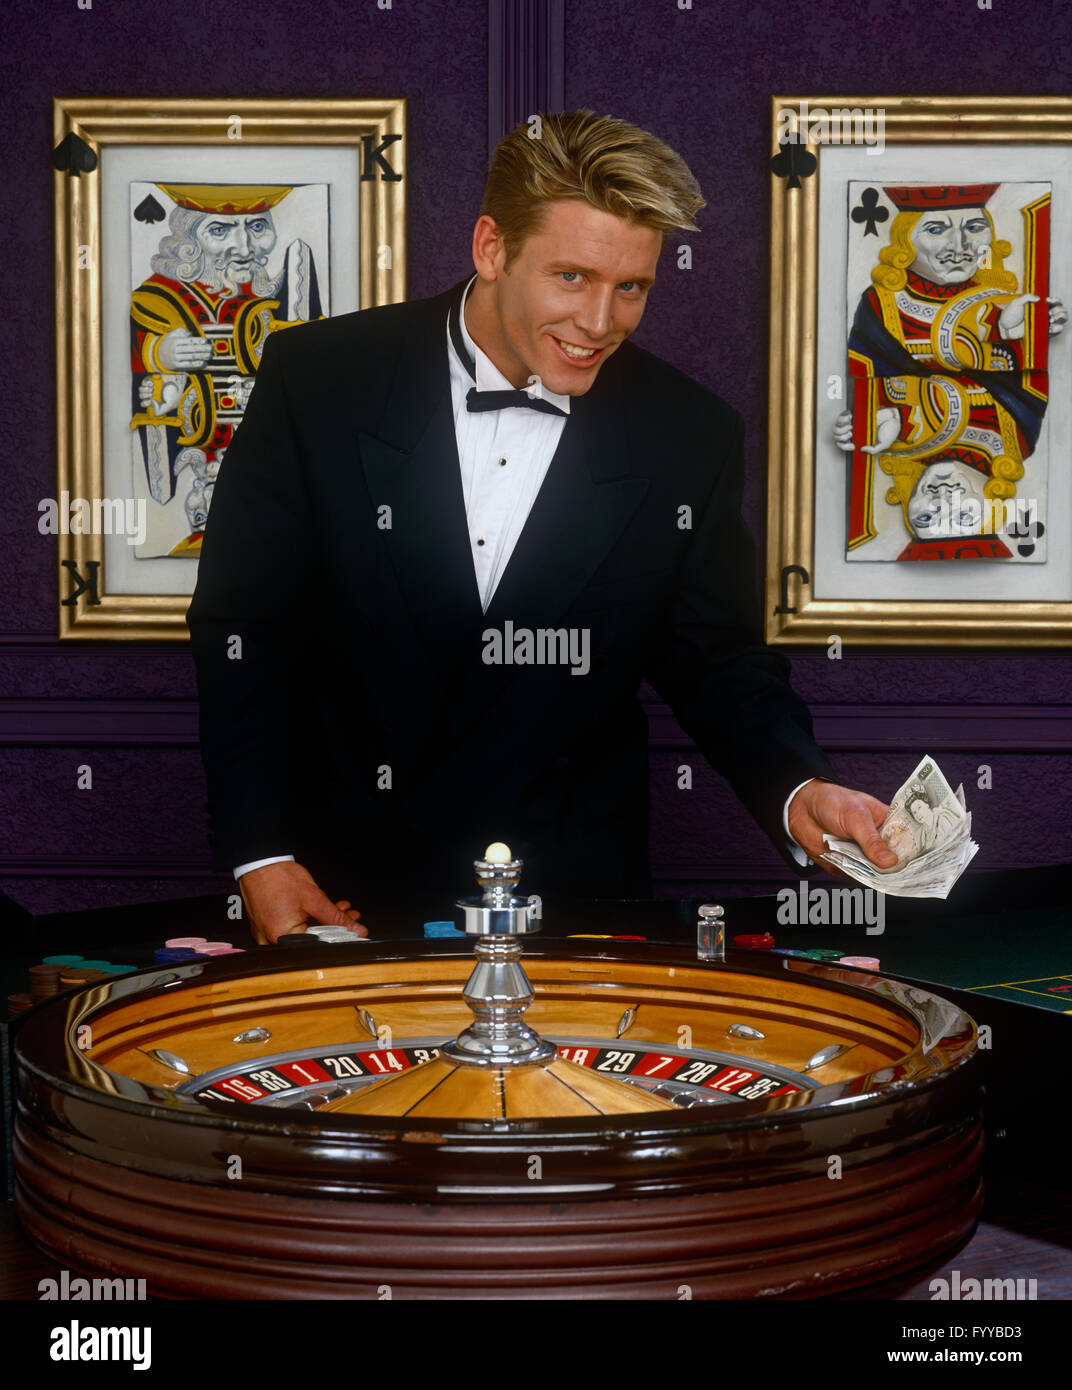 Männlichen Händler in einem Casino durch ein Roulette Rad im Inneren. Stockbild